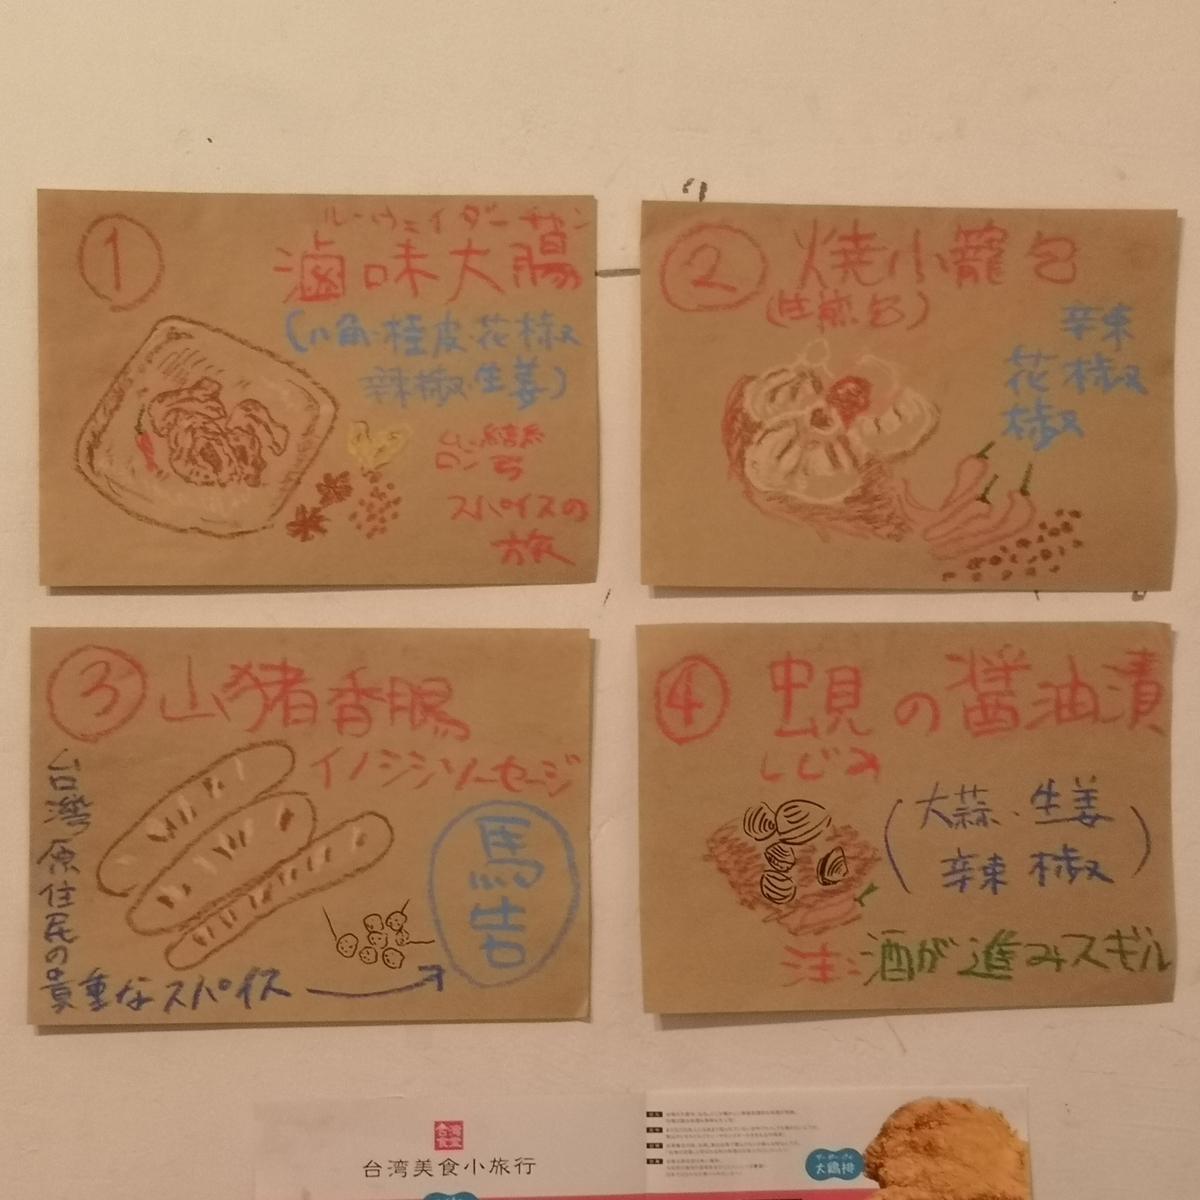 カレー事情聴取スパイス定食&バルVol.7 2019年10月20日 台湾食堂 メニュー